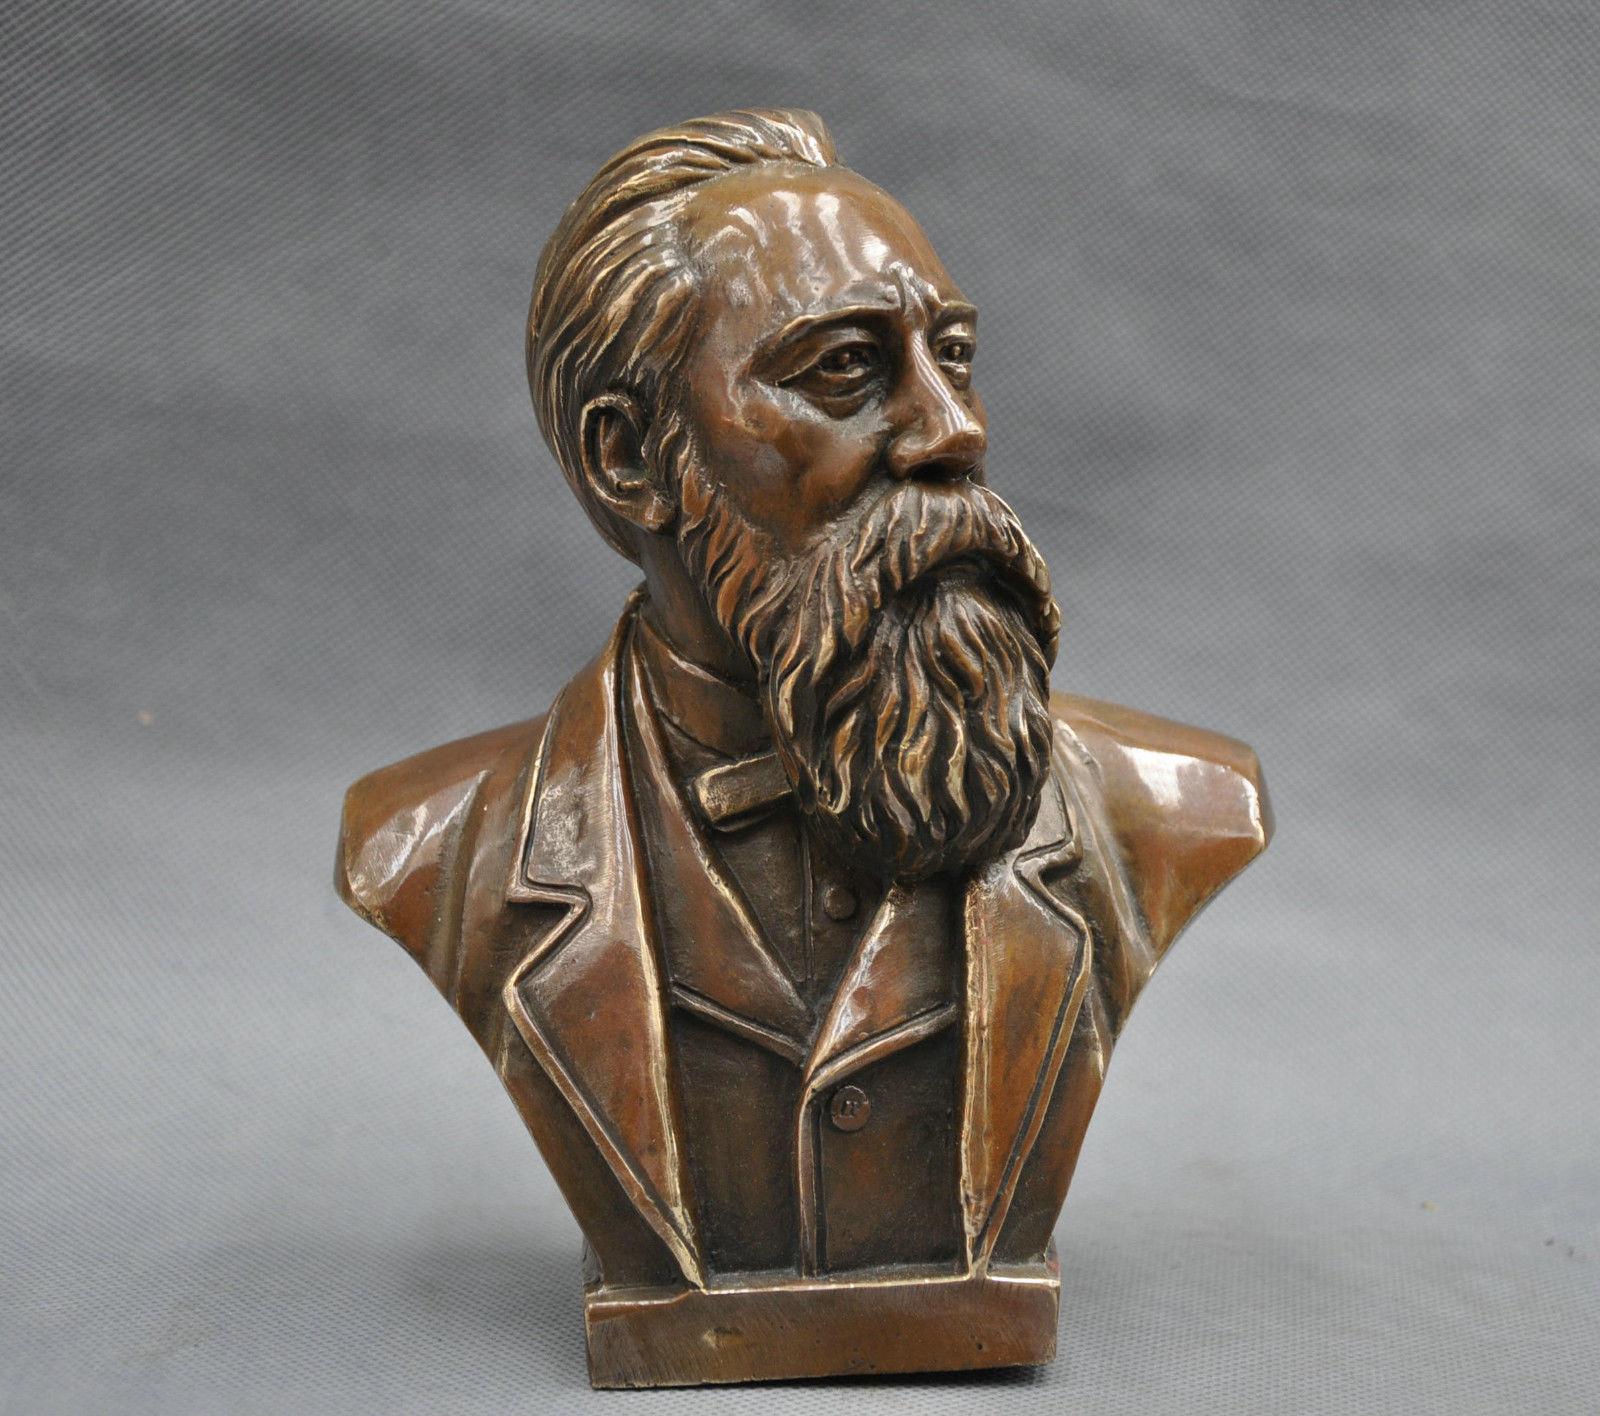 7 Statue de buste communiste en Bronze pur de chine Friedrich Von Engels7 Statue de buste communiste en Bronze pur de chine Friedrich Von Engels